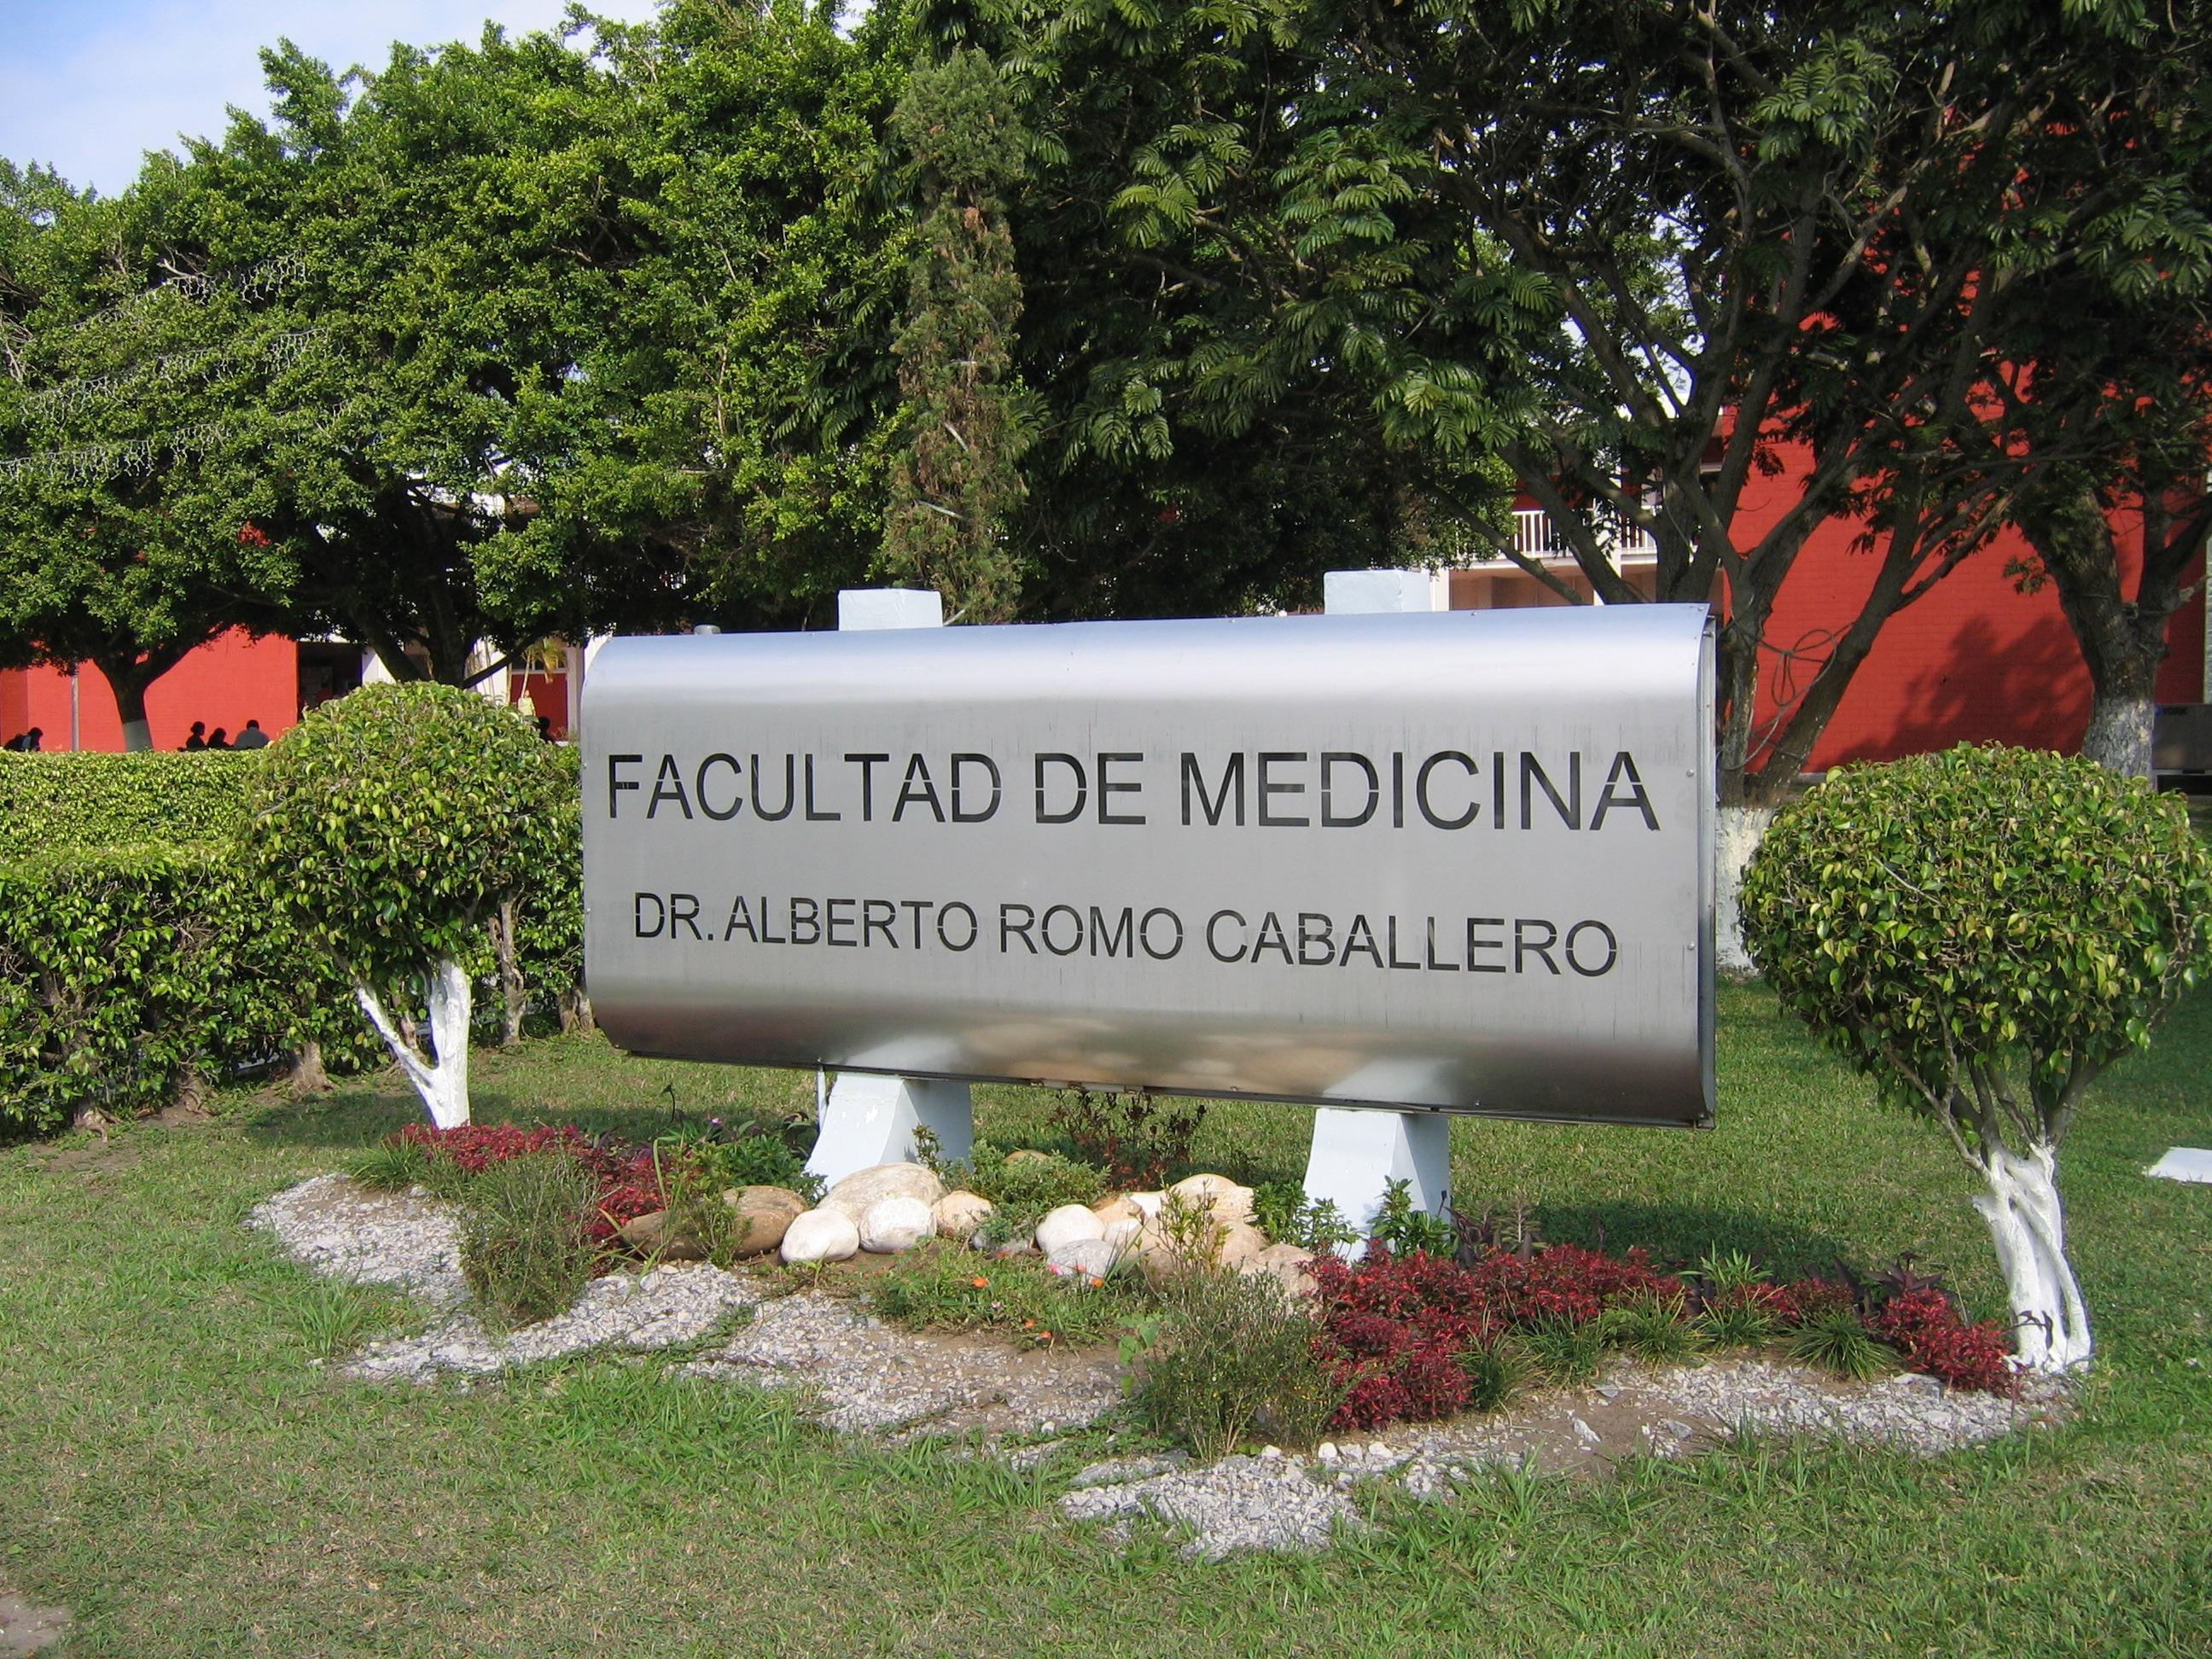 Inconforma la entrega de fichas en línea de Facultad de Medicina